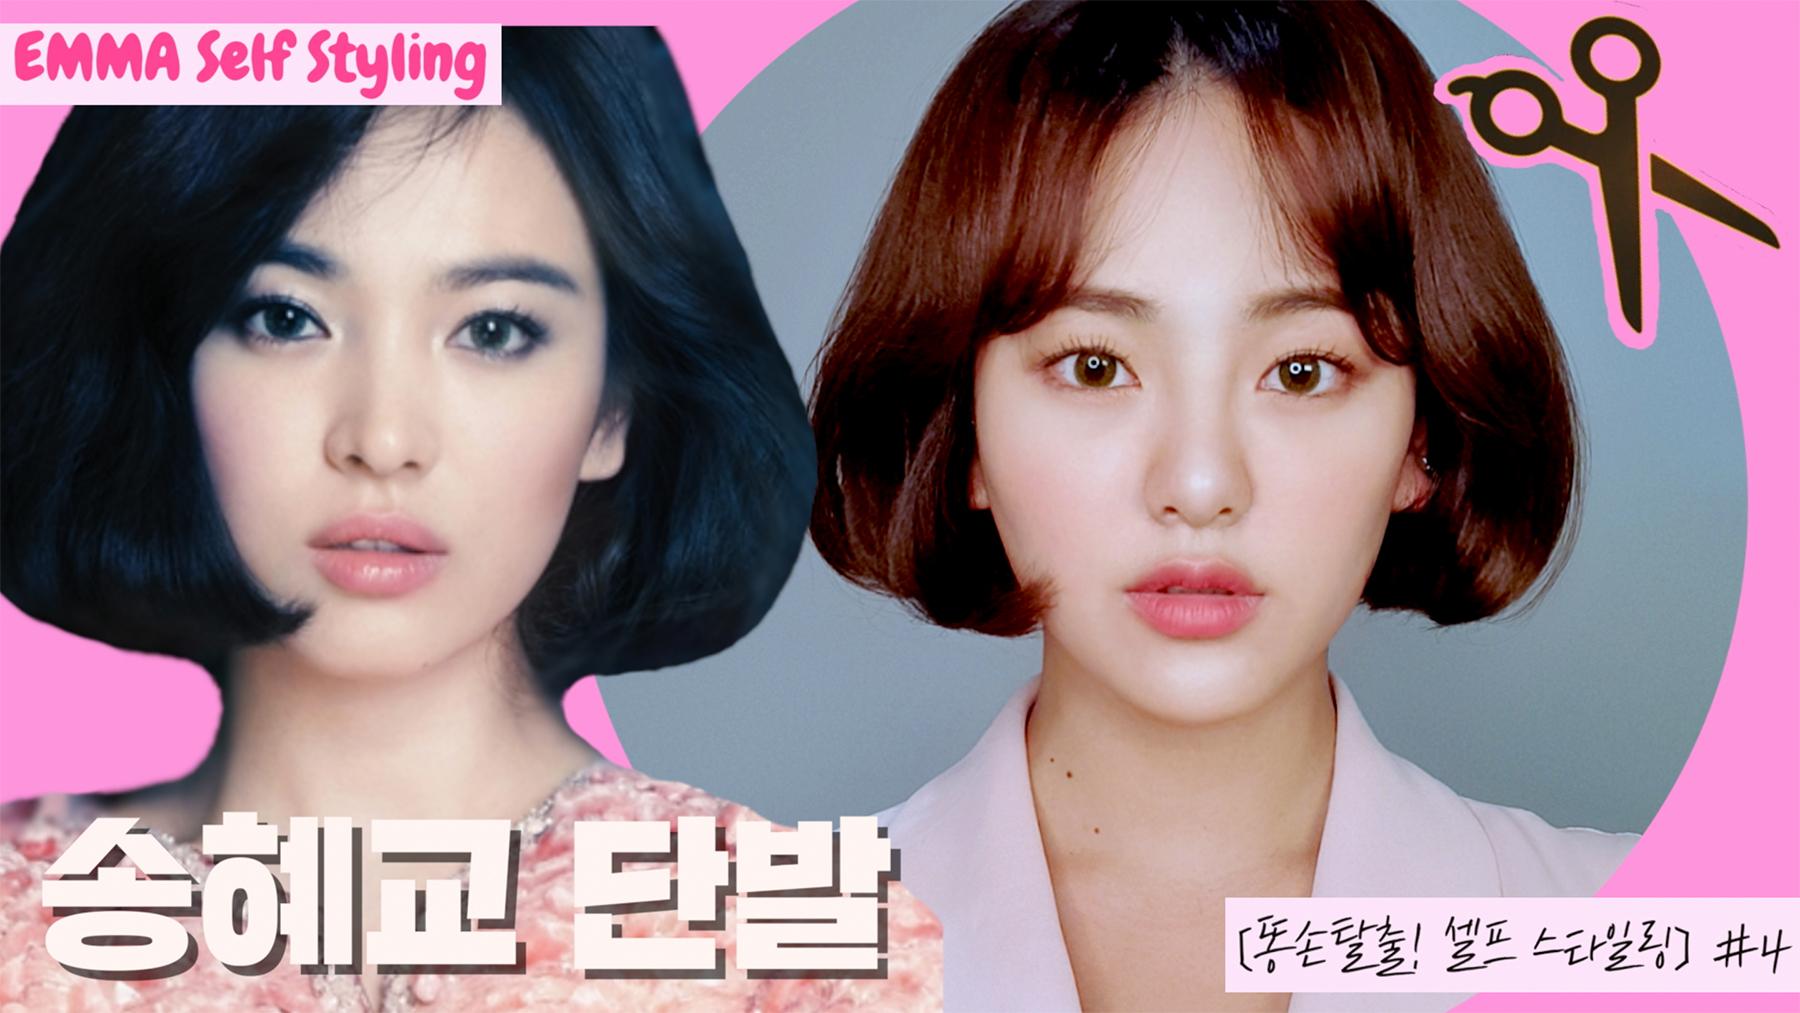 [똥손탈출! 셀프 스타일링] #4 송혜교 단발 스타일링!